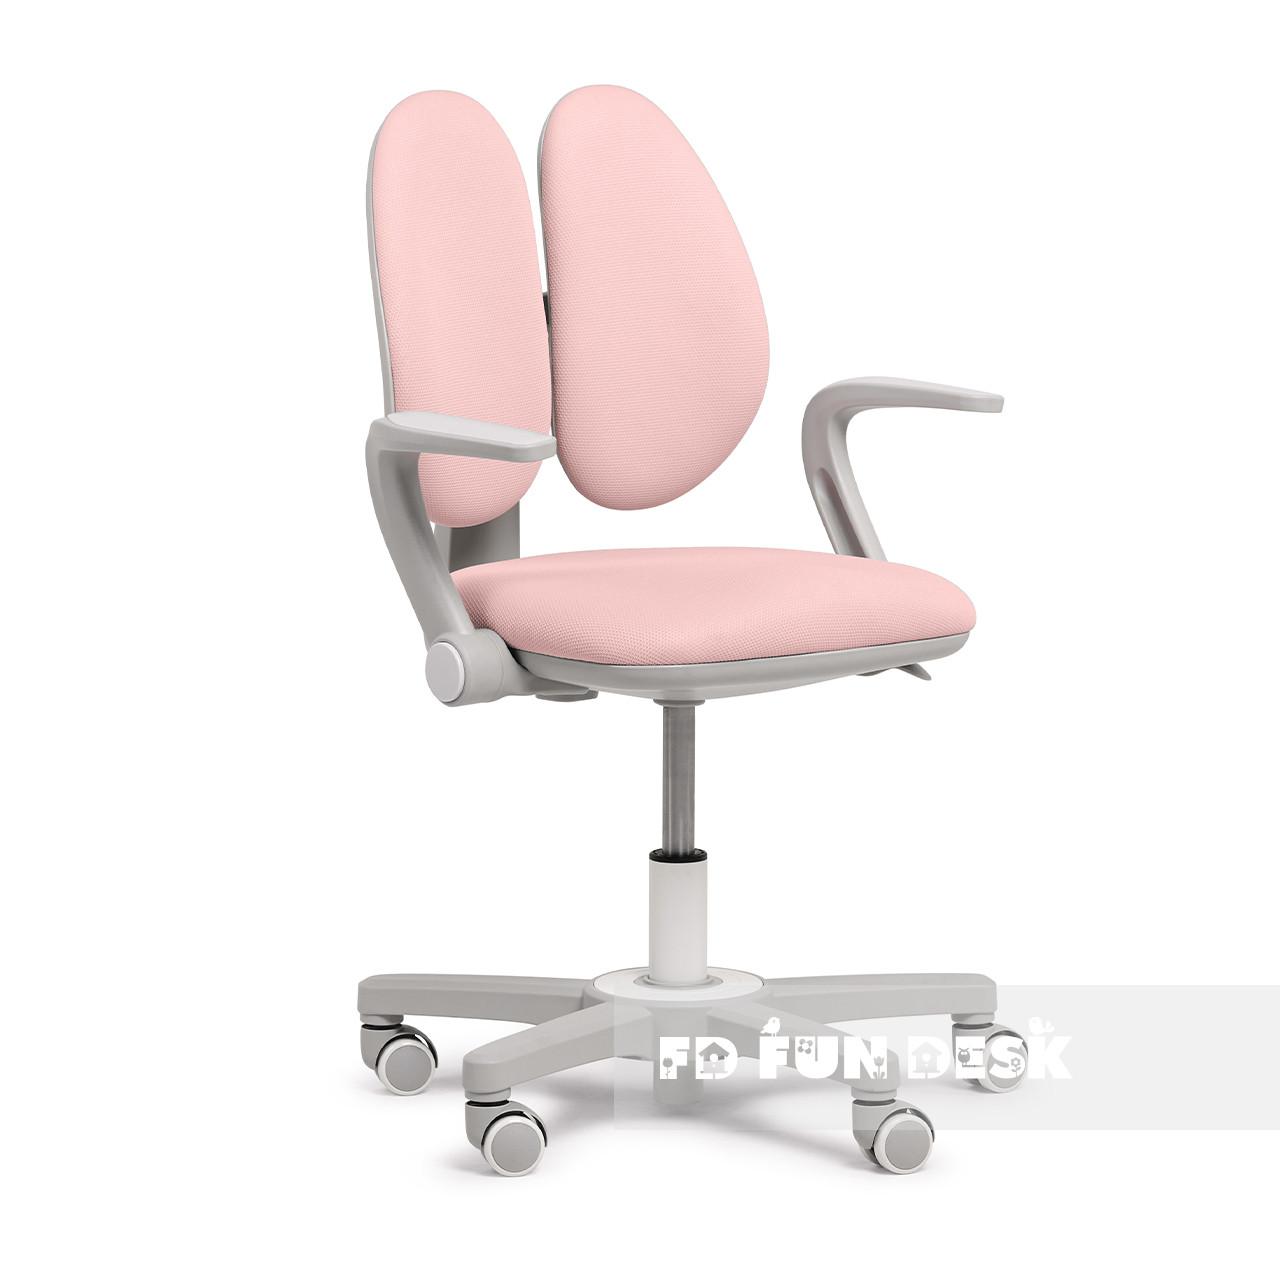 Детское эргономичное вращающееся кресло Fundesk Mente Pink с подлокотниками